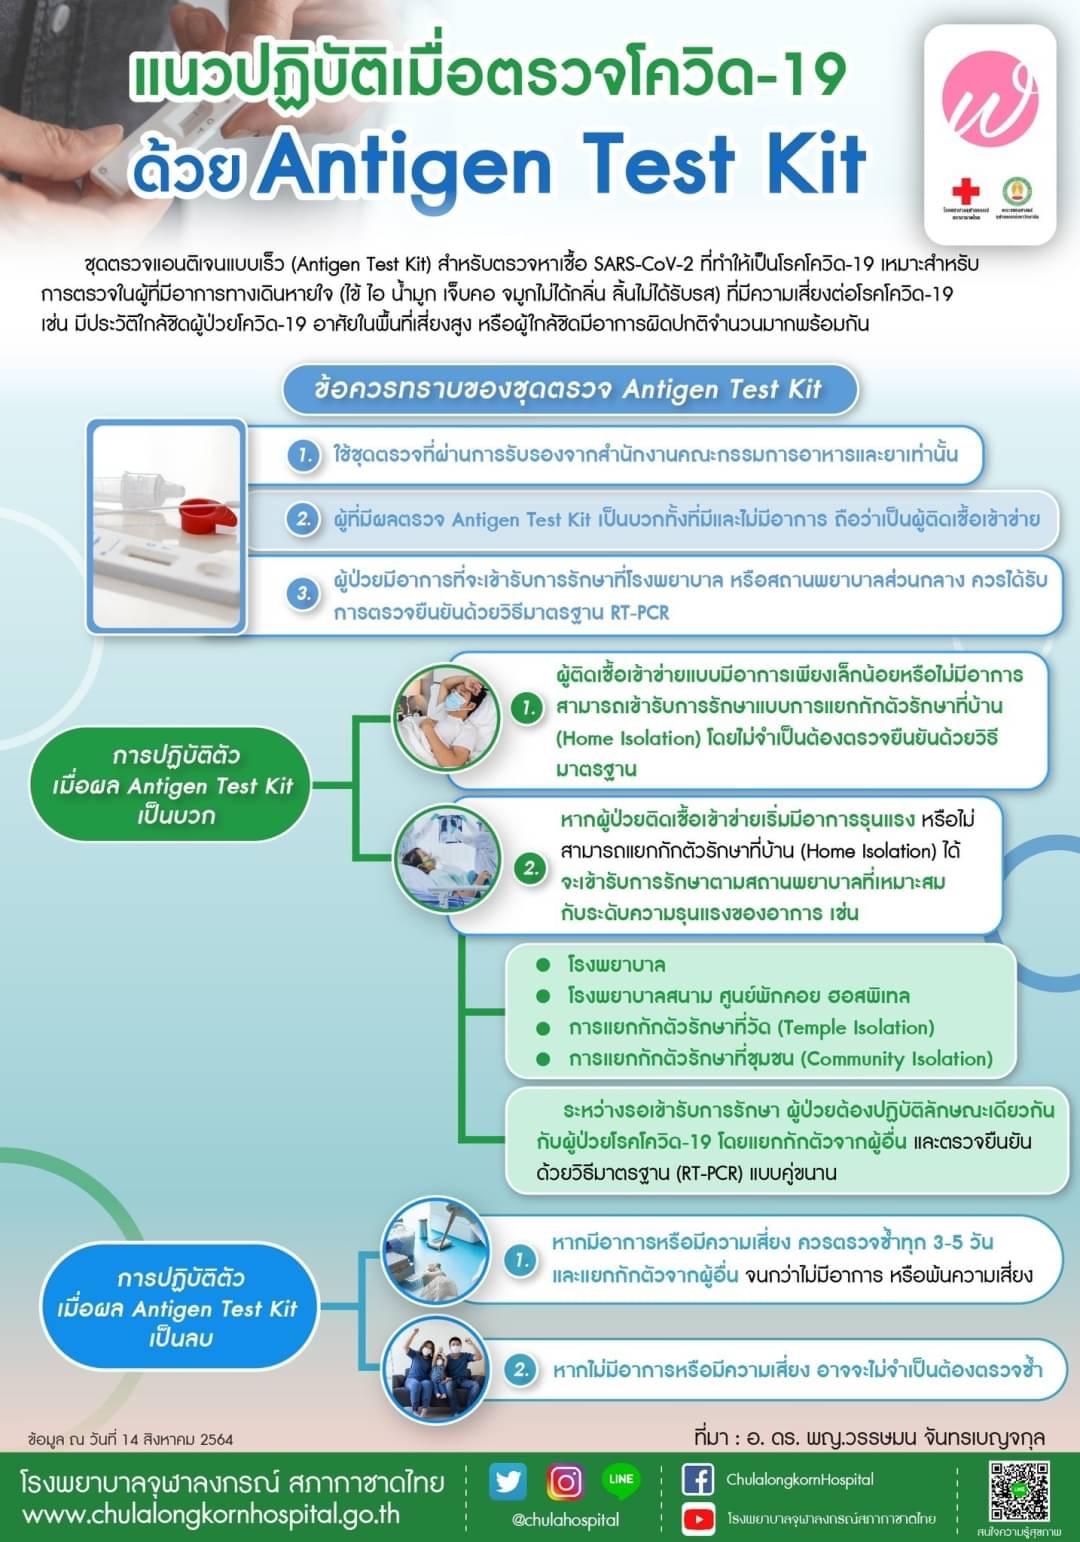 แนวปฏิบัติเมื่อตรวจโควิด-19 ด้วย Antigen Test Kit